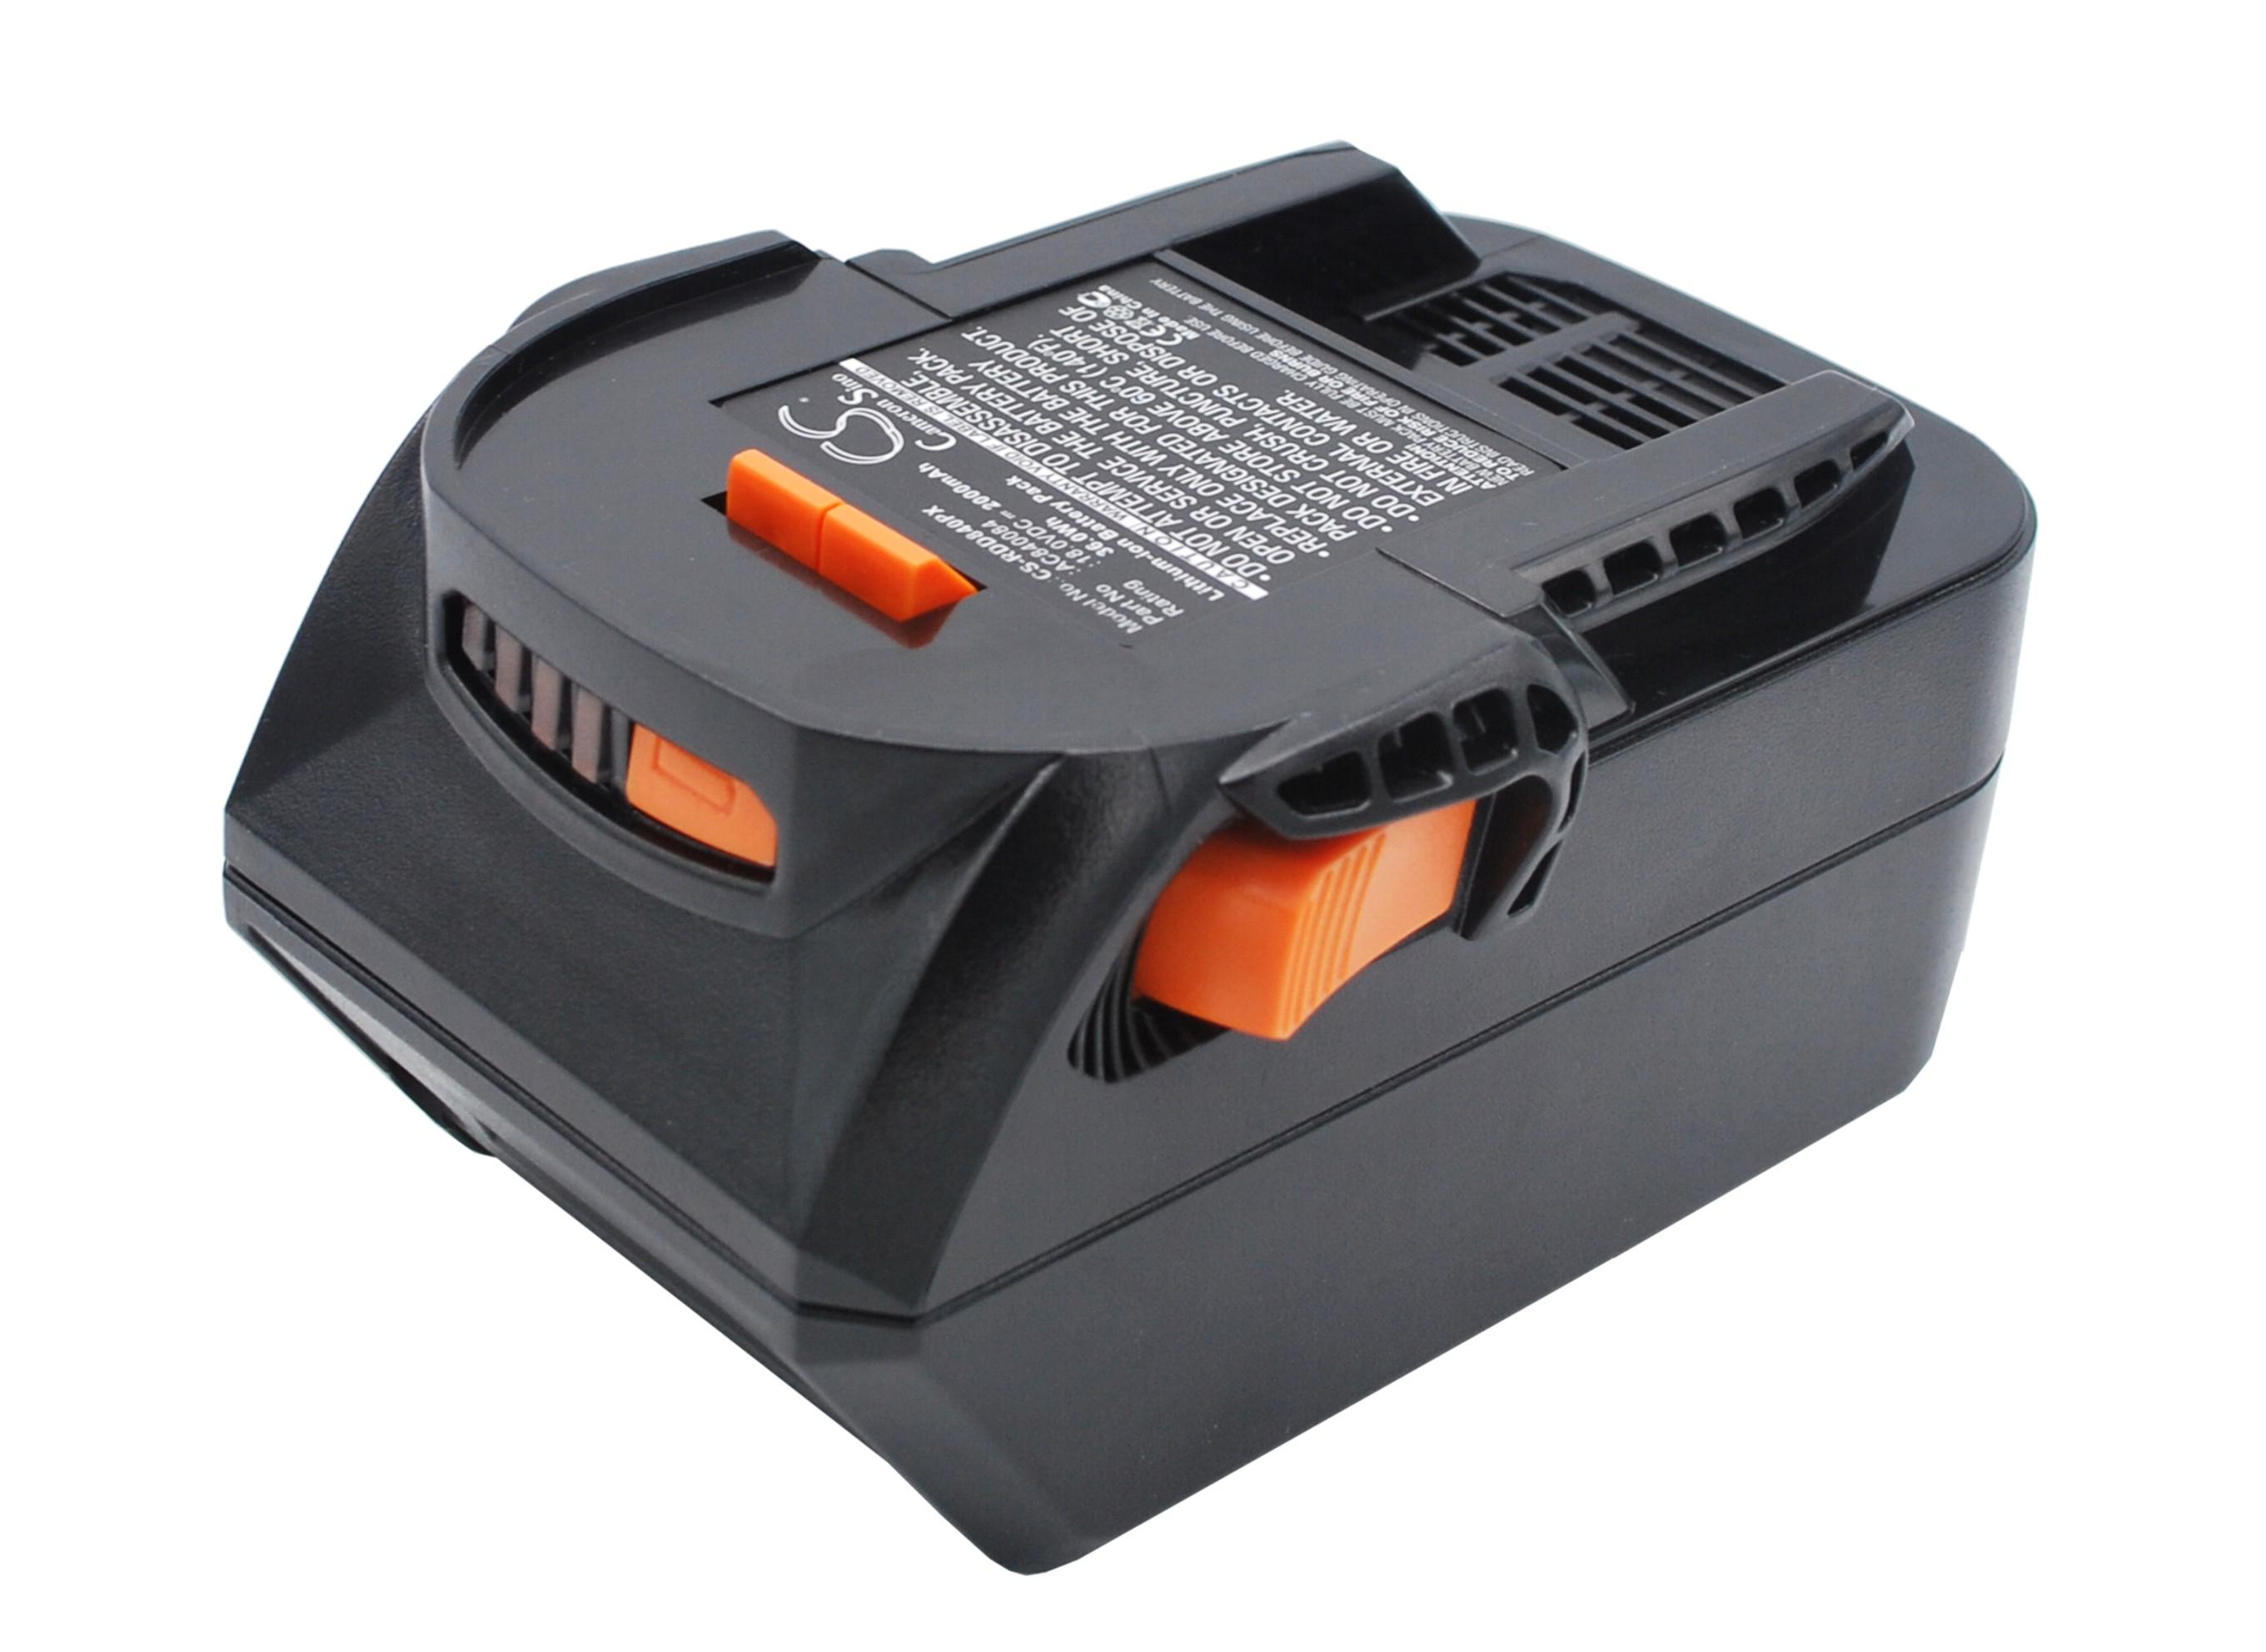 Cameron Sino baterie do nářadí pro AEG BSB 18 STX 18V Li-ion 2000mAh černá - neoriginální